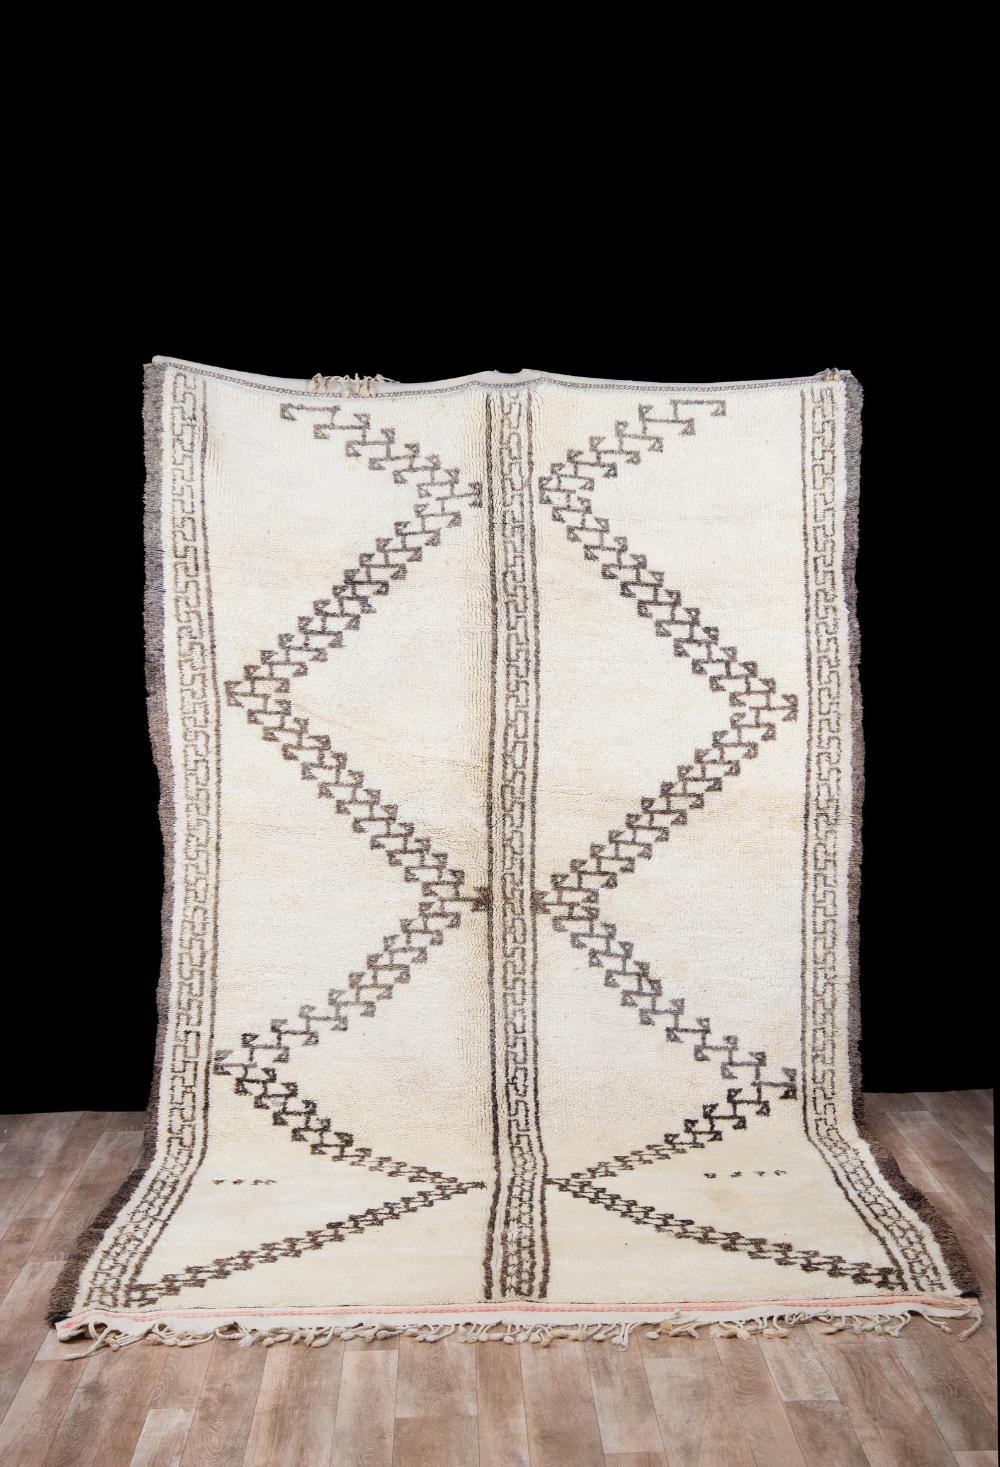 6×10 ft Beni ourain rug, Moroccan rug, Berber carpet, Morocco rug, Berber teppich, Oriental carpet, Moroccan wool rug, tapis berbere, #2001